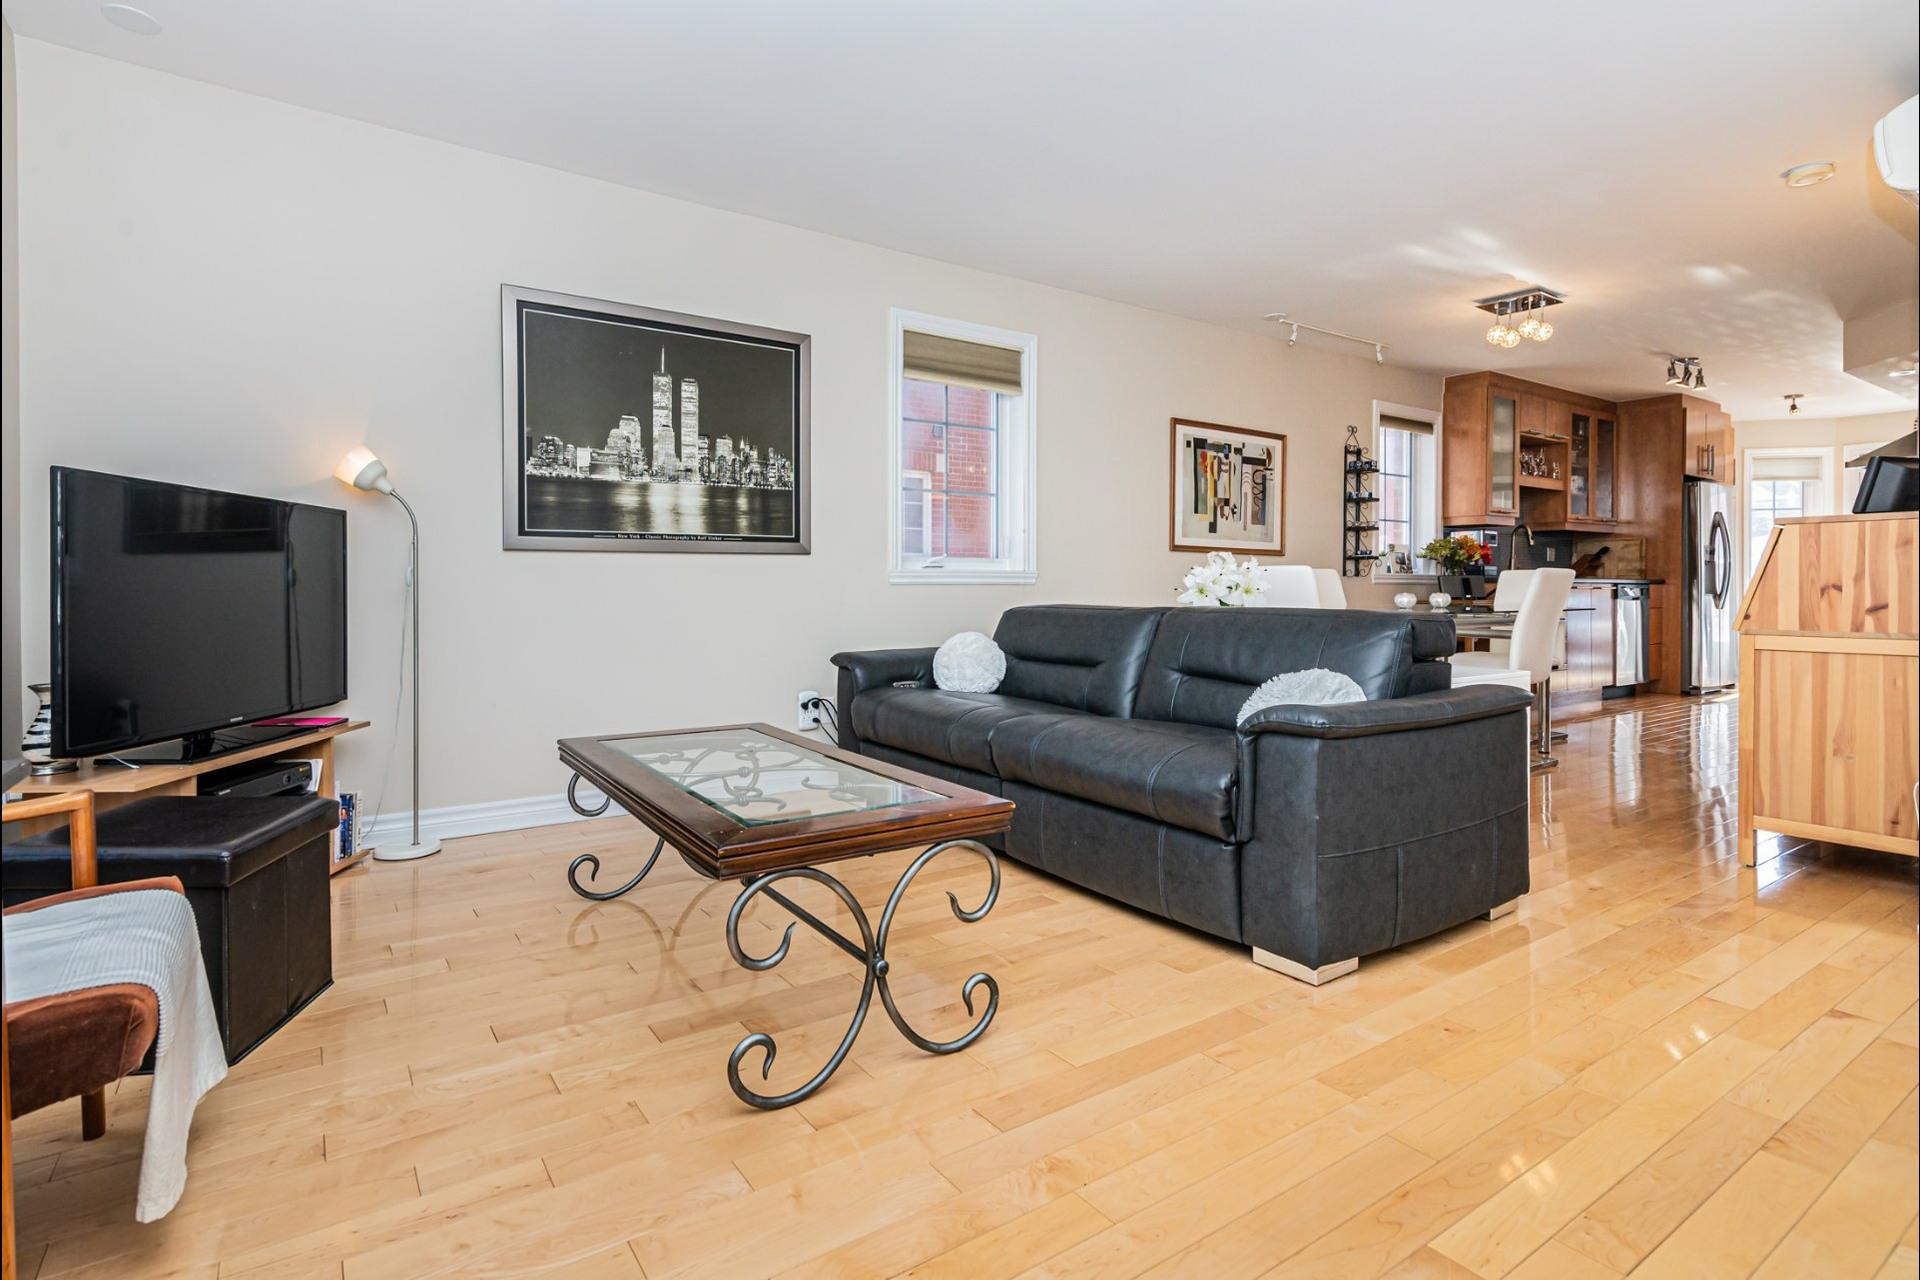 image 2 - Apartment For sale Saint-Laurent Montréal  - 4 rooms